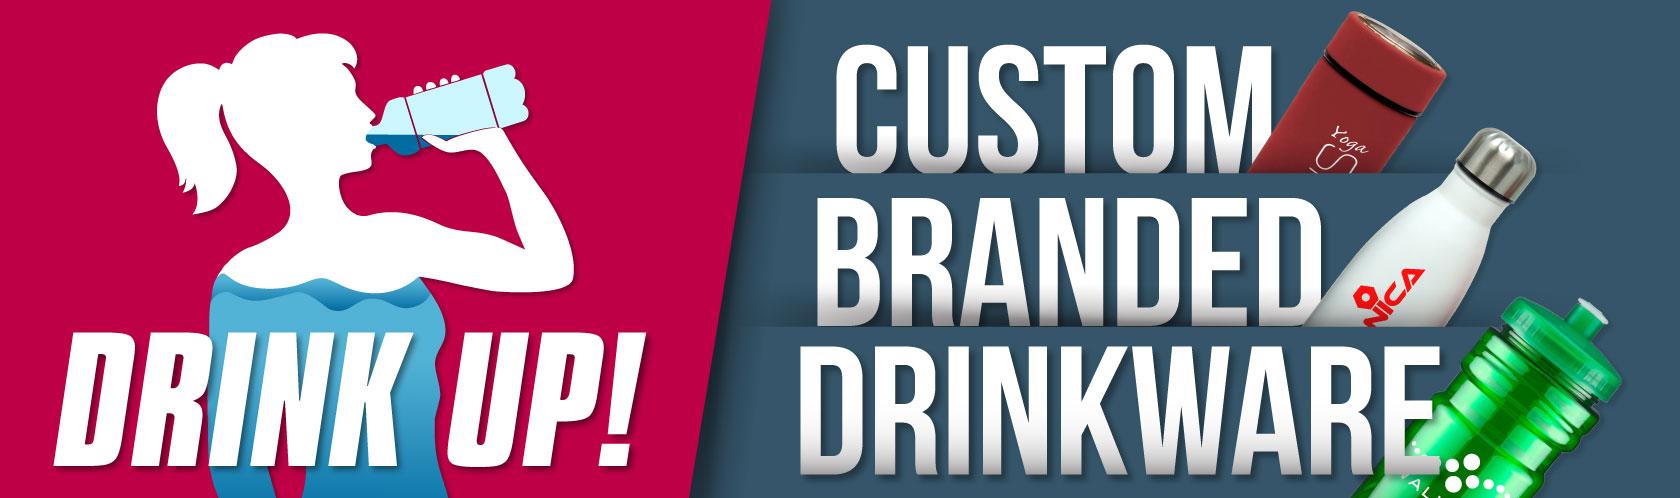 Drink Up: Custom Branded Drinkware